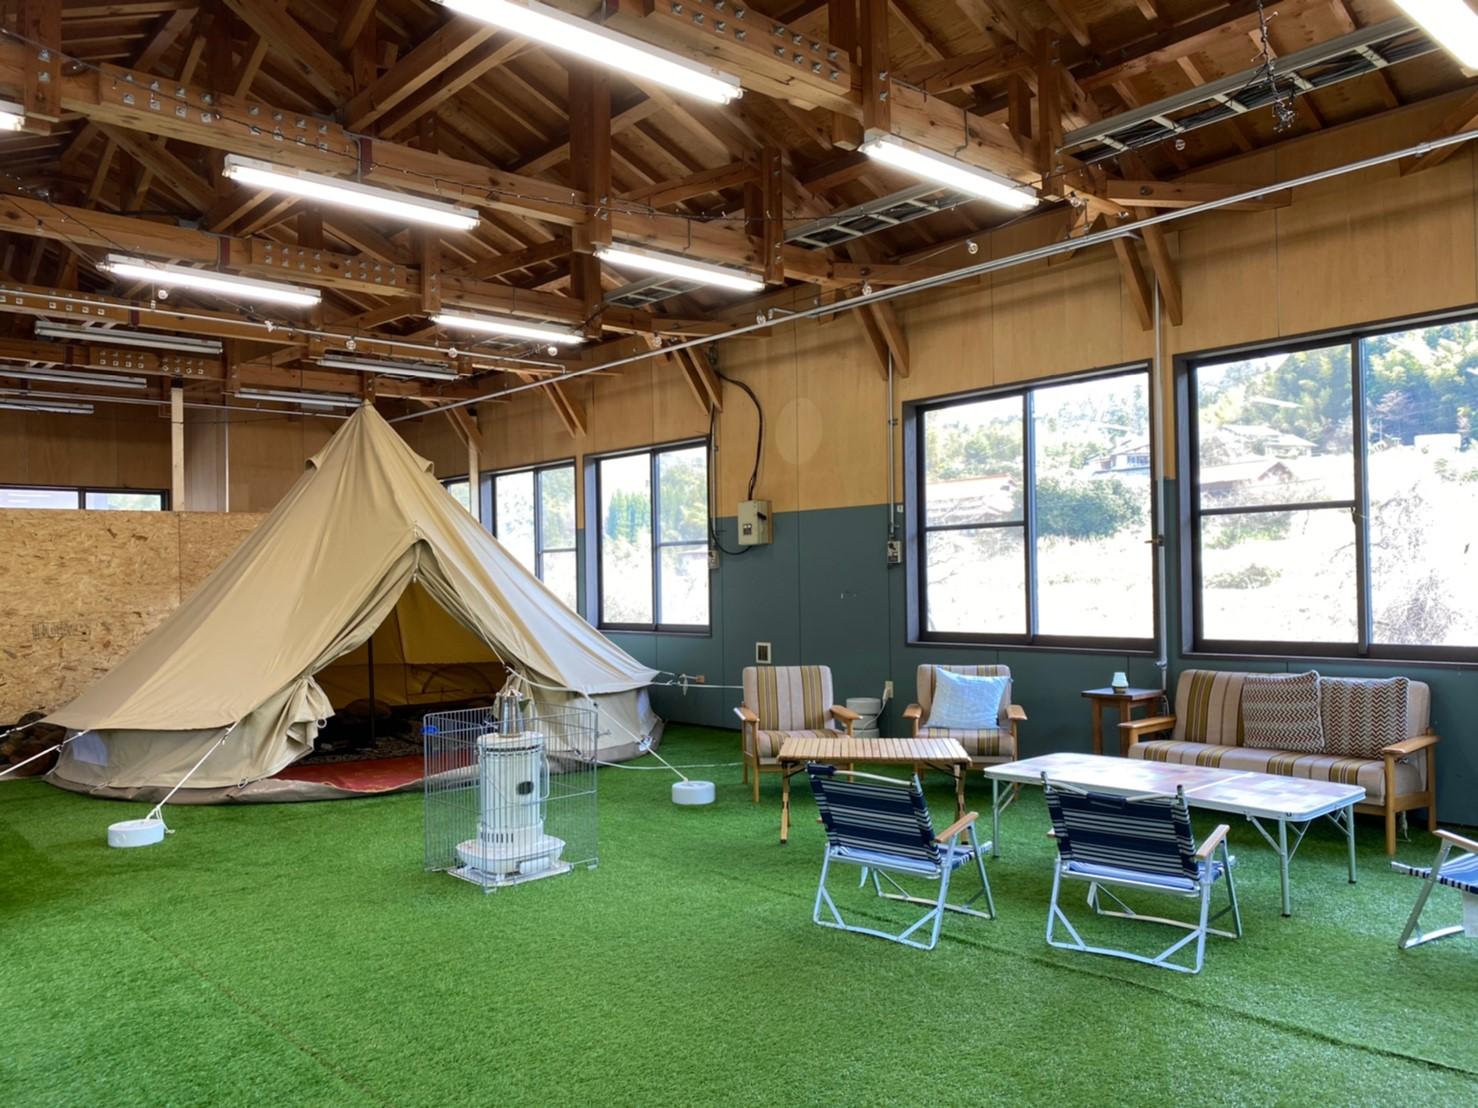 1日1組限定の屋内型プライベートキャンプ場「EGキャンプ場」2020年4月11日に本オープン決定